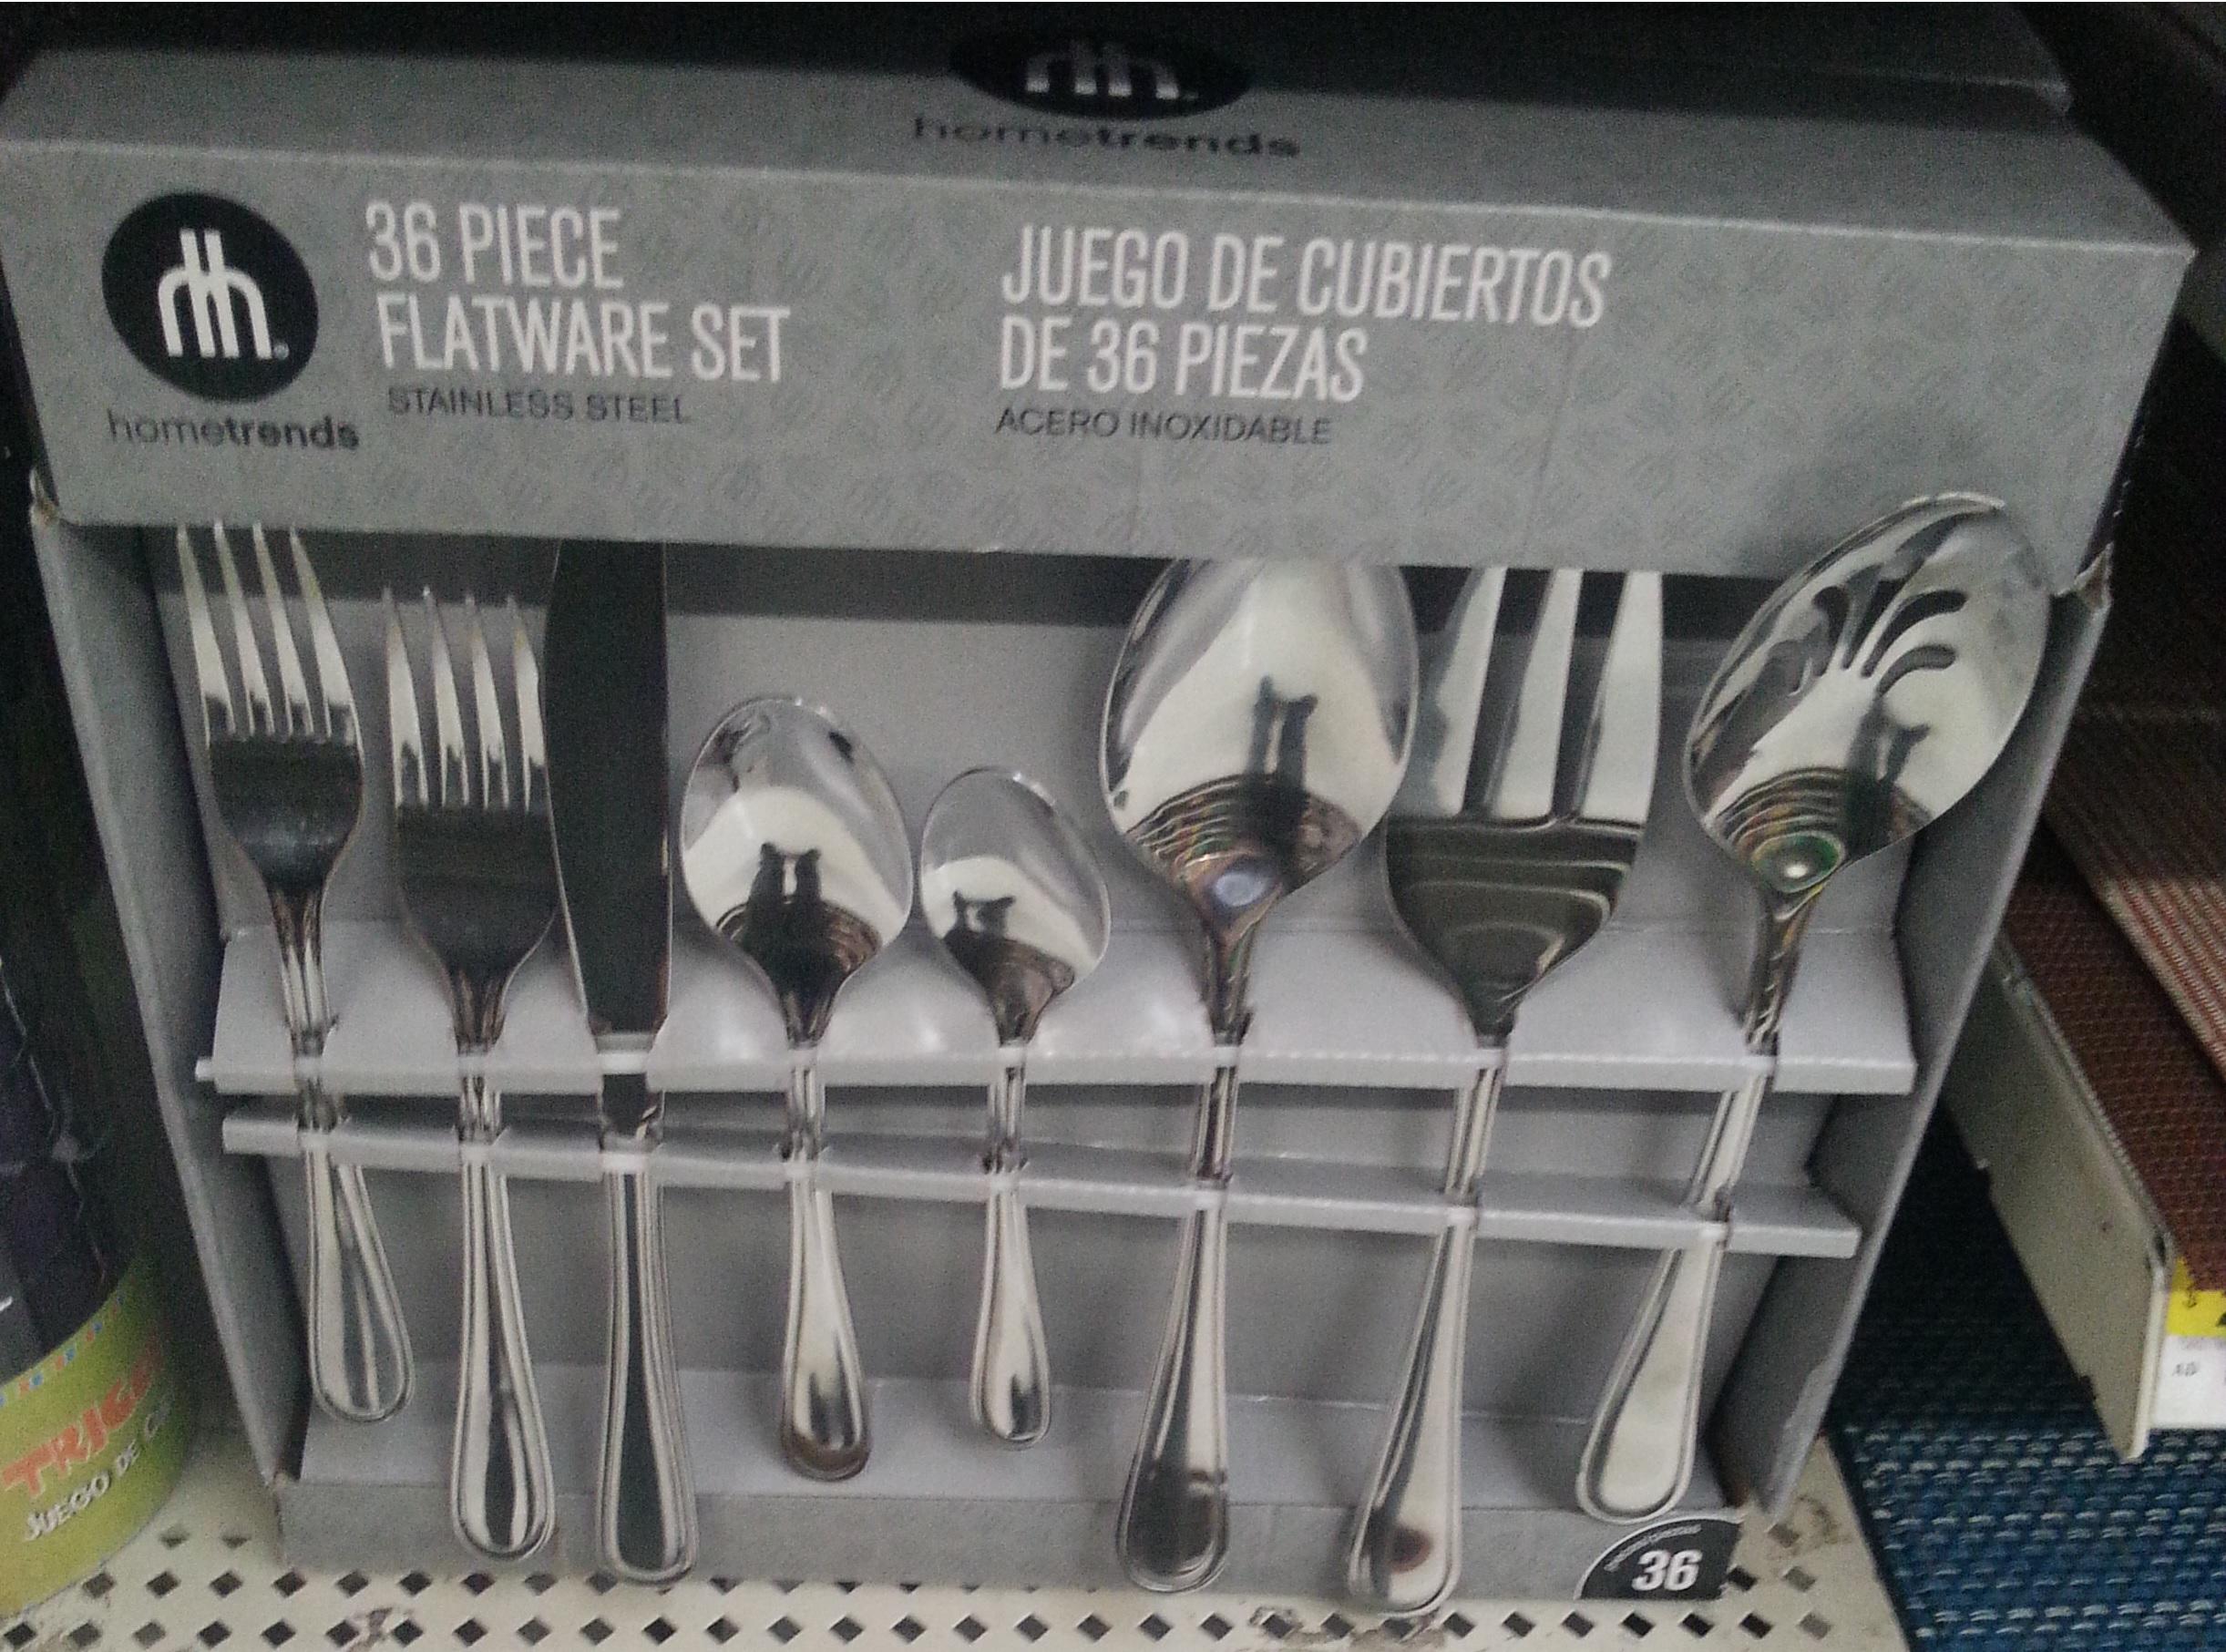 Walmart: Juego de Cubiertos 36 Piezas (6personas) a $245 y otras ofertas mas...